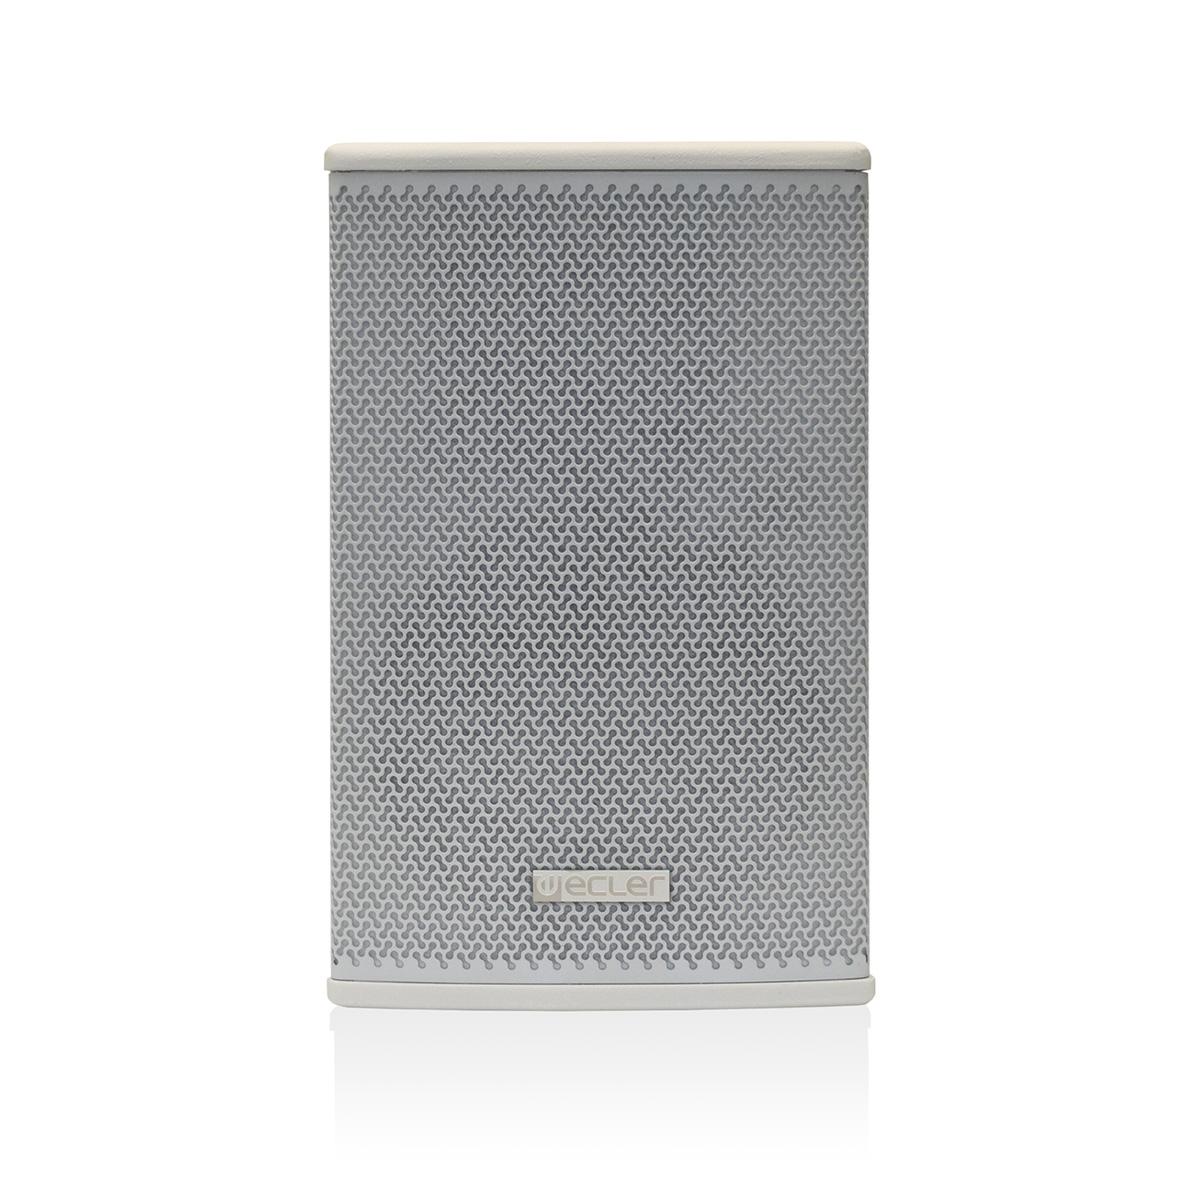 Ecler ARQIS 108WH - Двухполосная настенная акустическая система 8'', 175–350 Вт/8 Ом